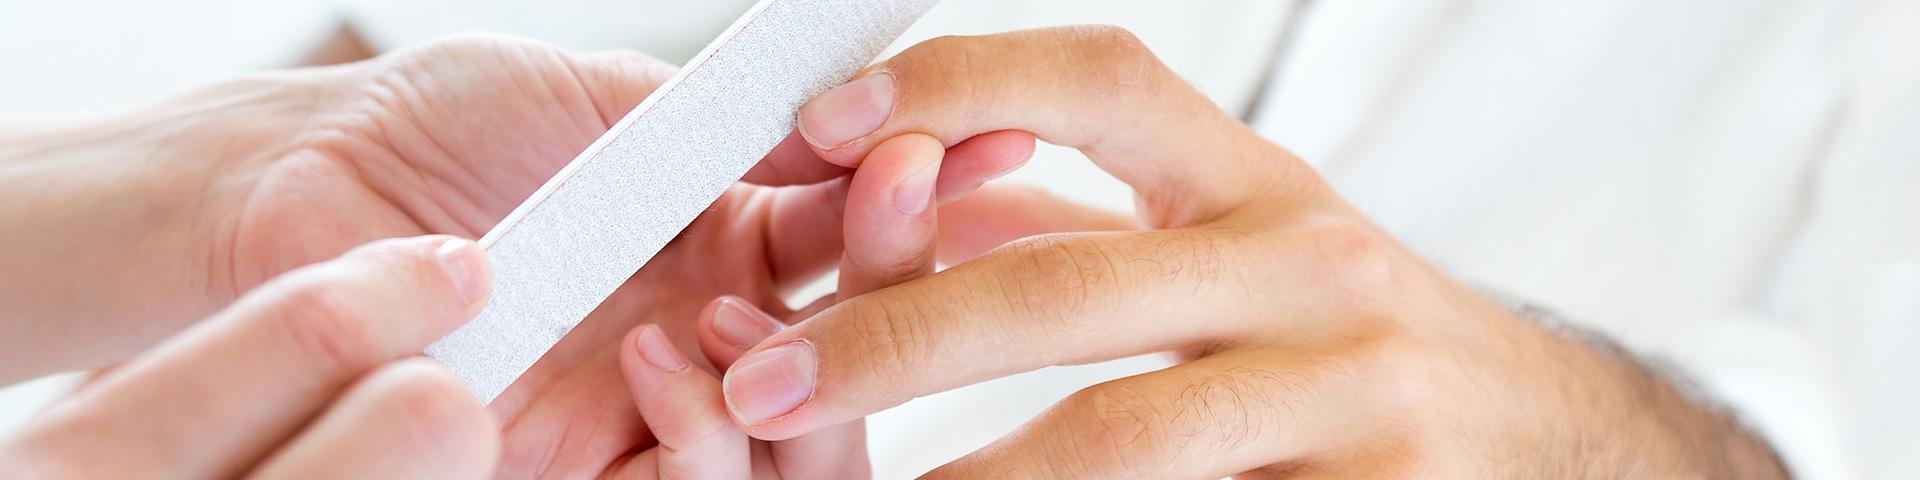 Maniküre für Männer. Eine Frauenhand feilt die Fingernägel einer Männerhand